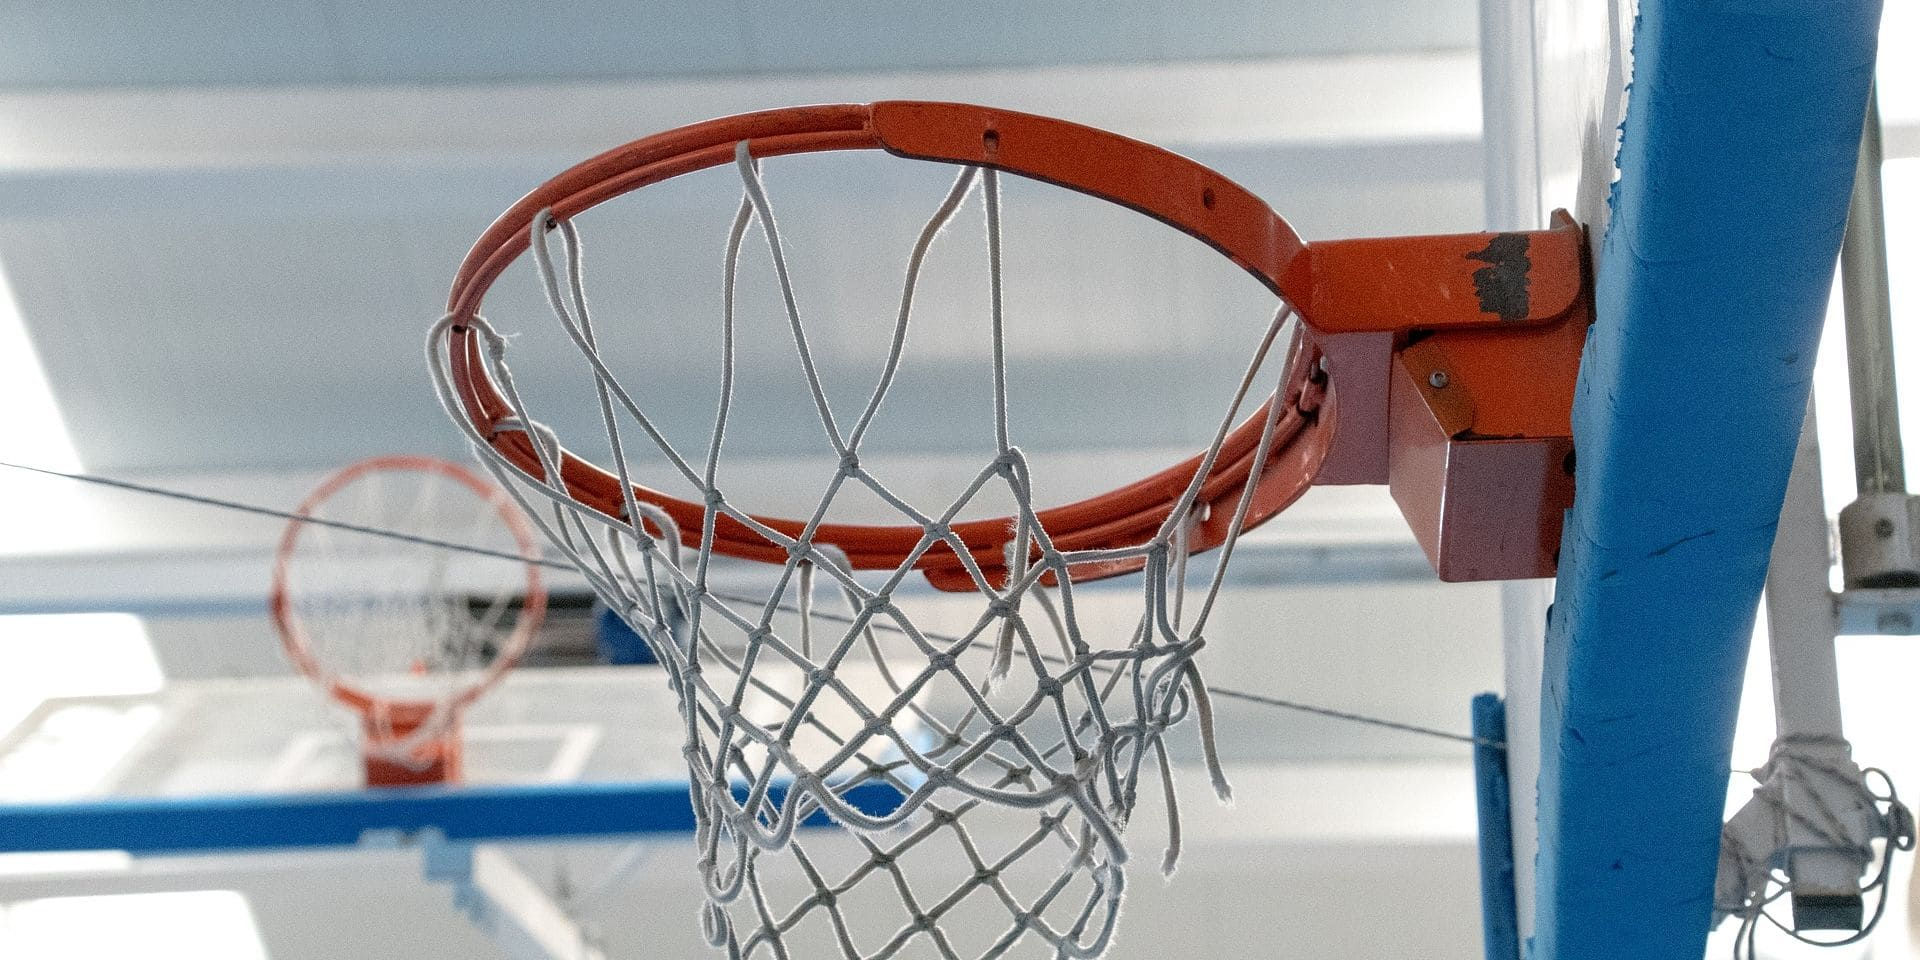 Basket-ball : Le Brussels ne se hisse pas en finale de son tournoi